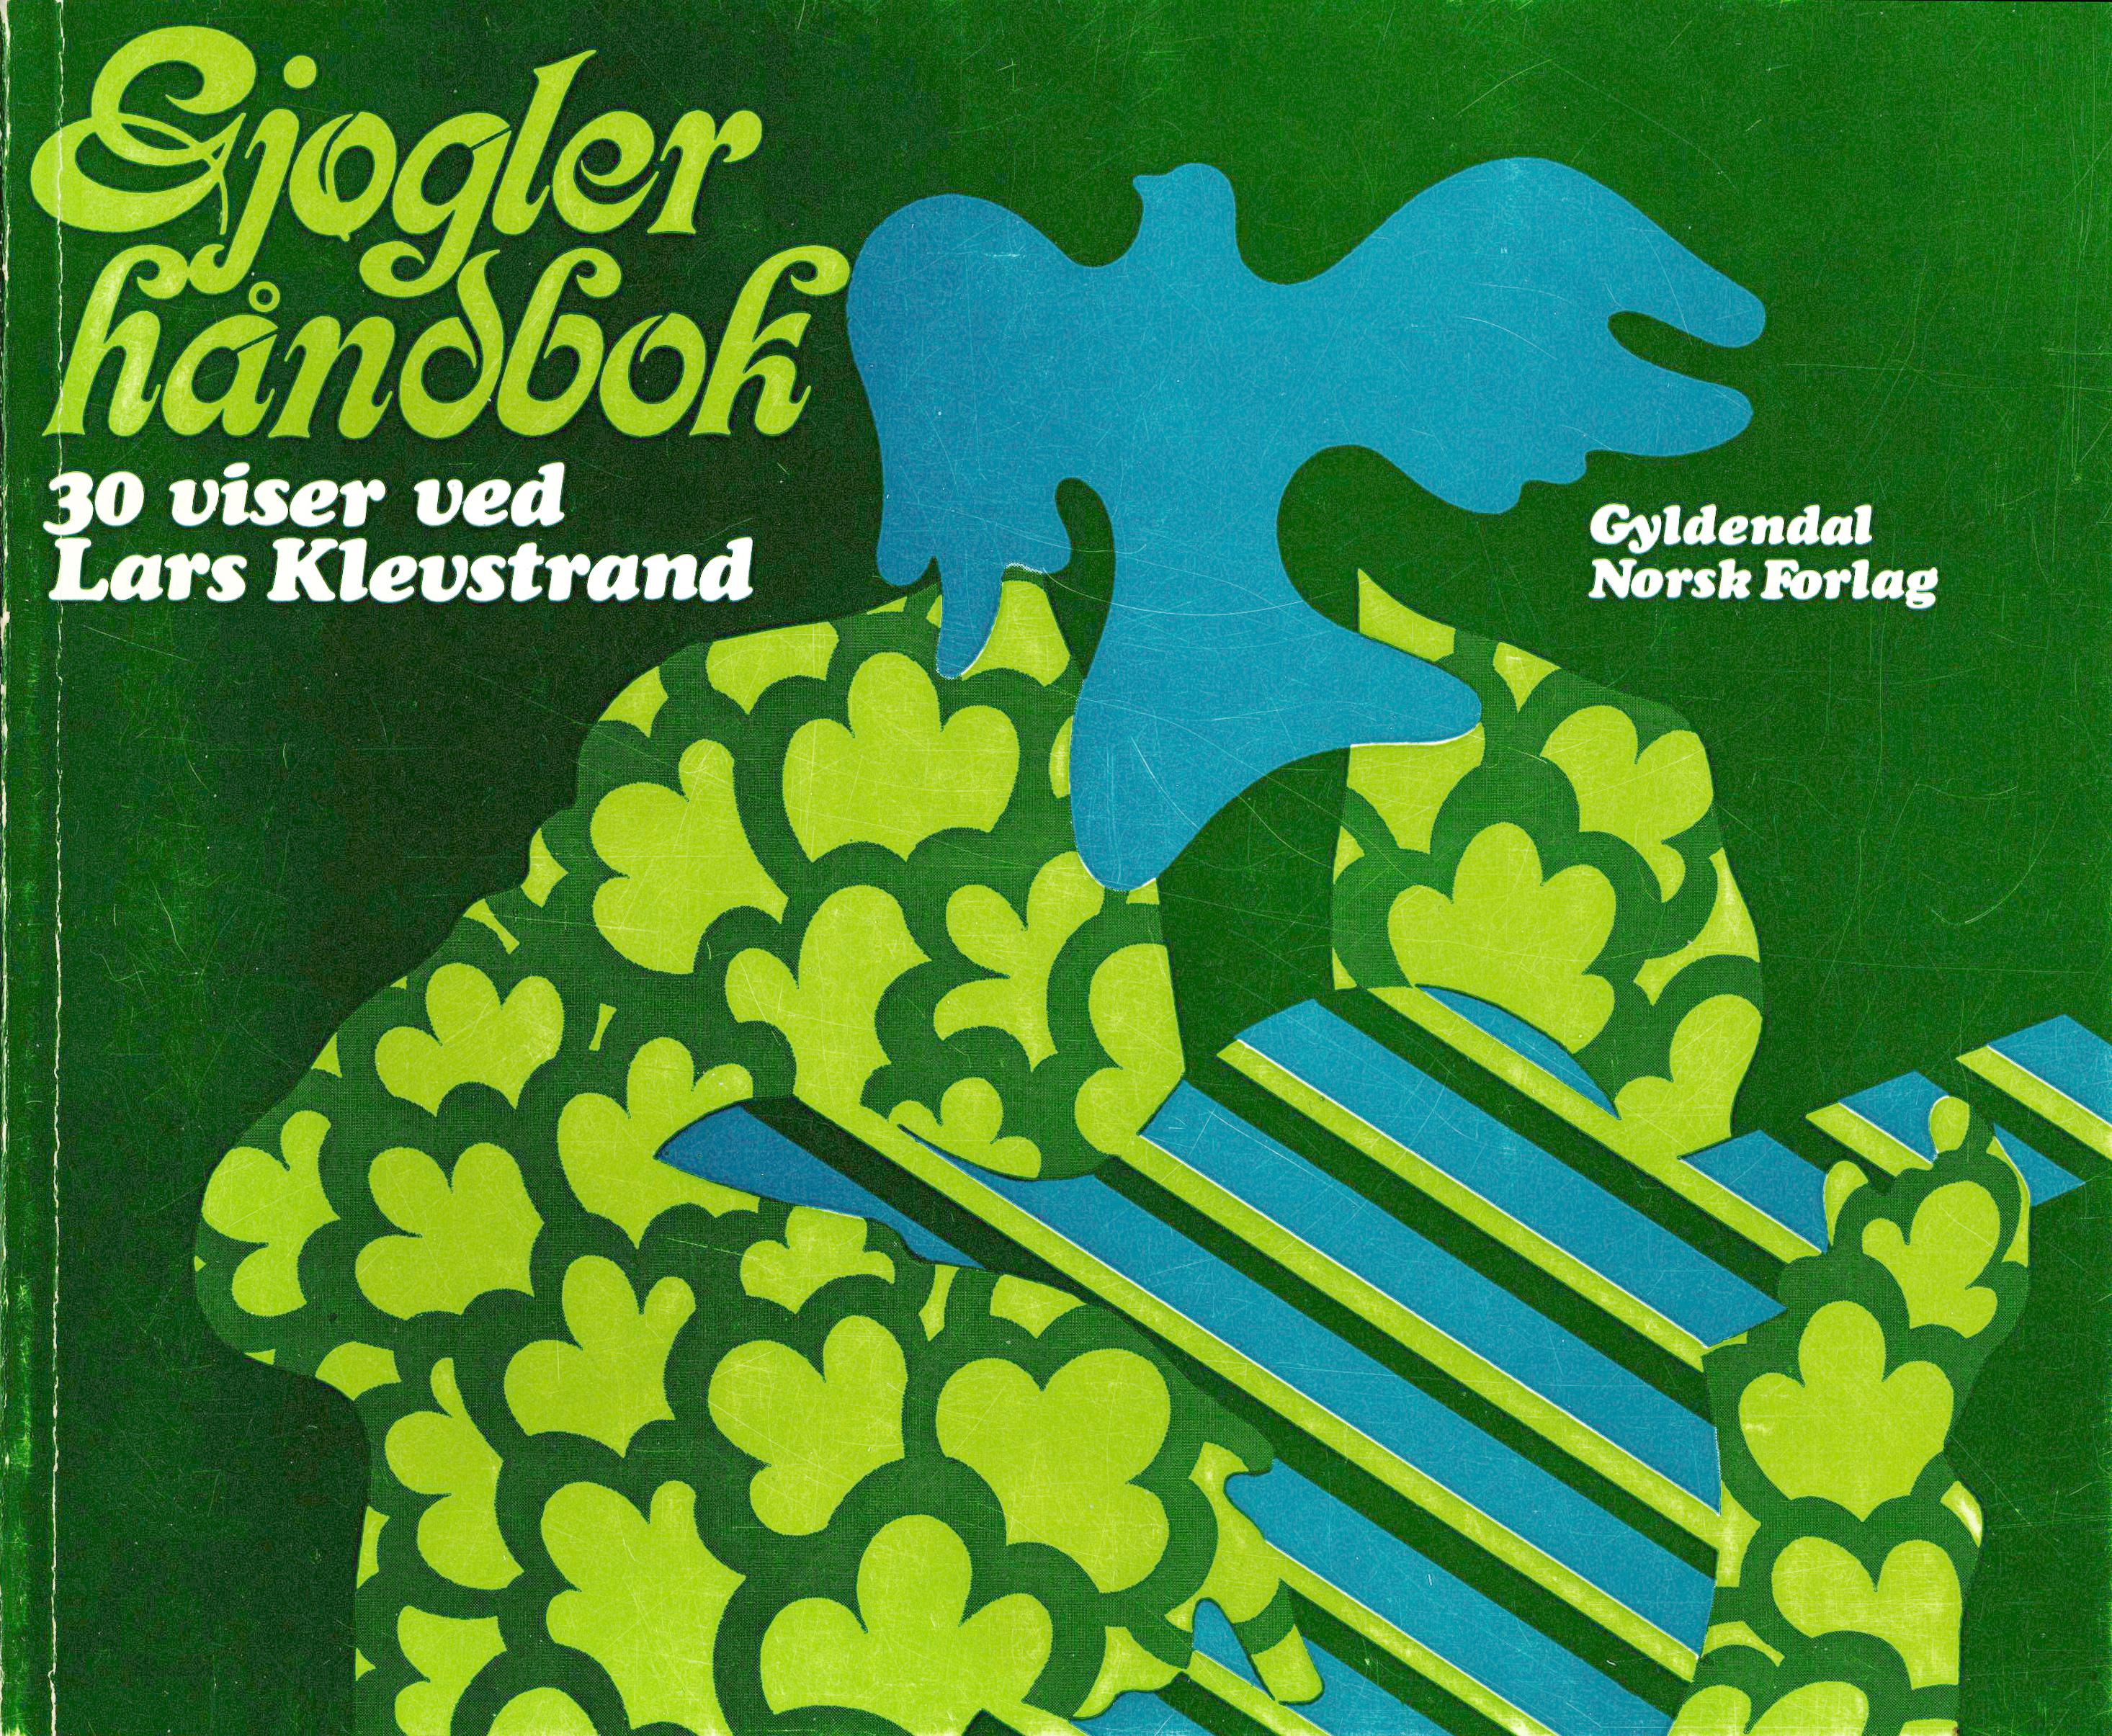 Gjøglerhåndbok - 30 viser ved Lars Klevstrand